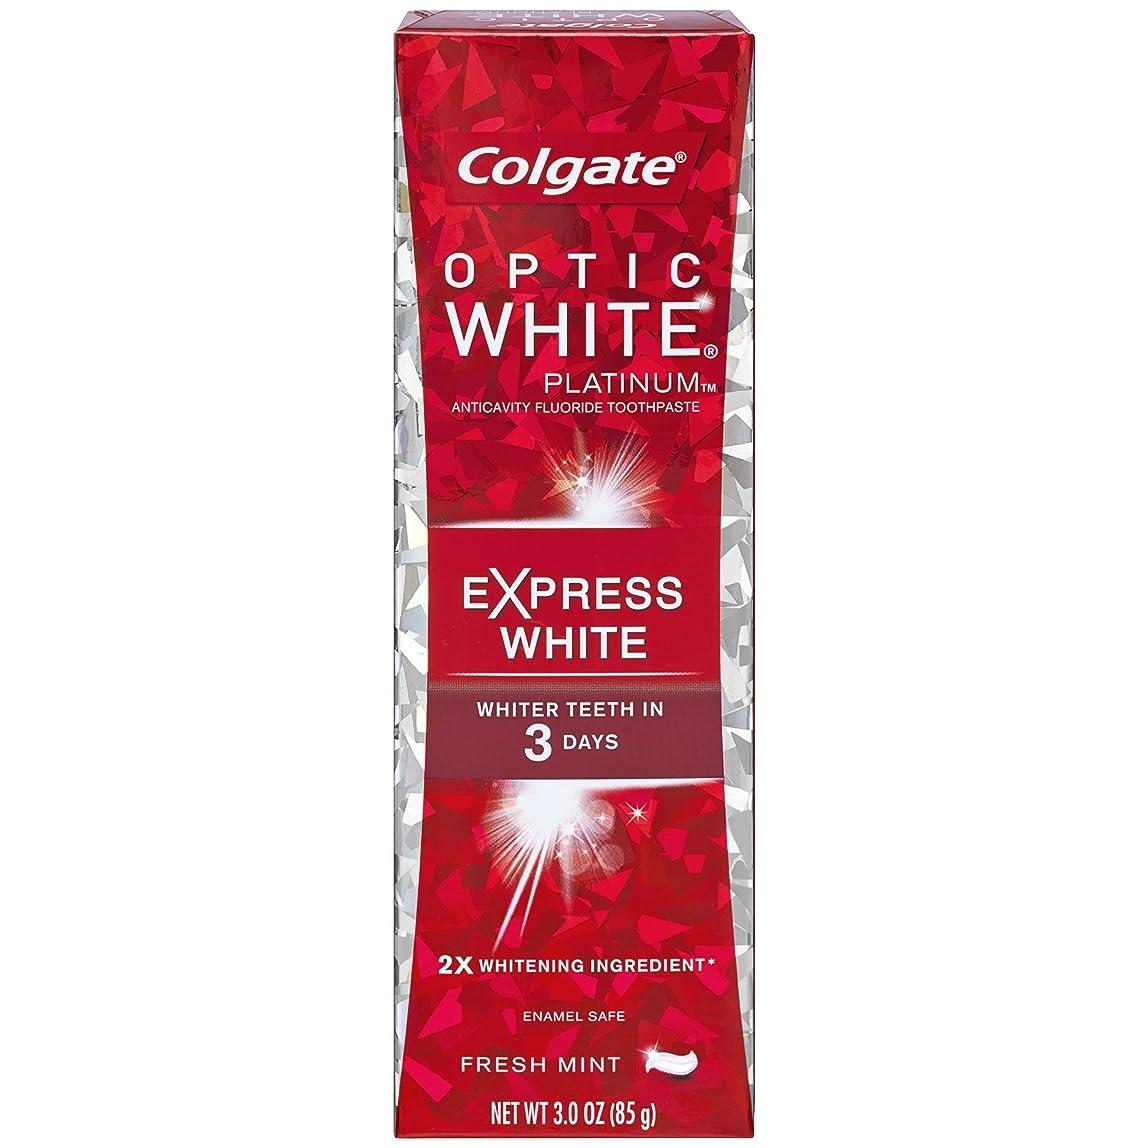 モットー急行するエージェントコルゲート 歯みがき粉 オプティック ホワイト 3Days エクスプレス ホワイト